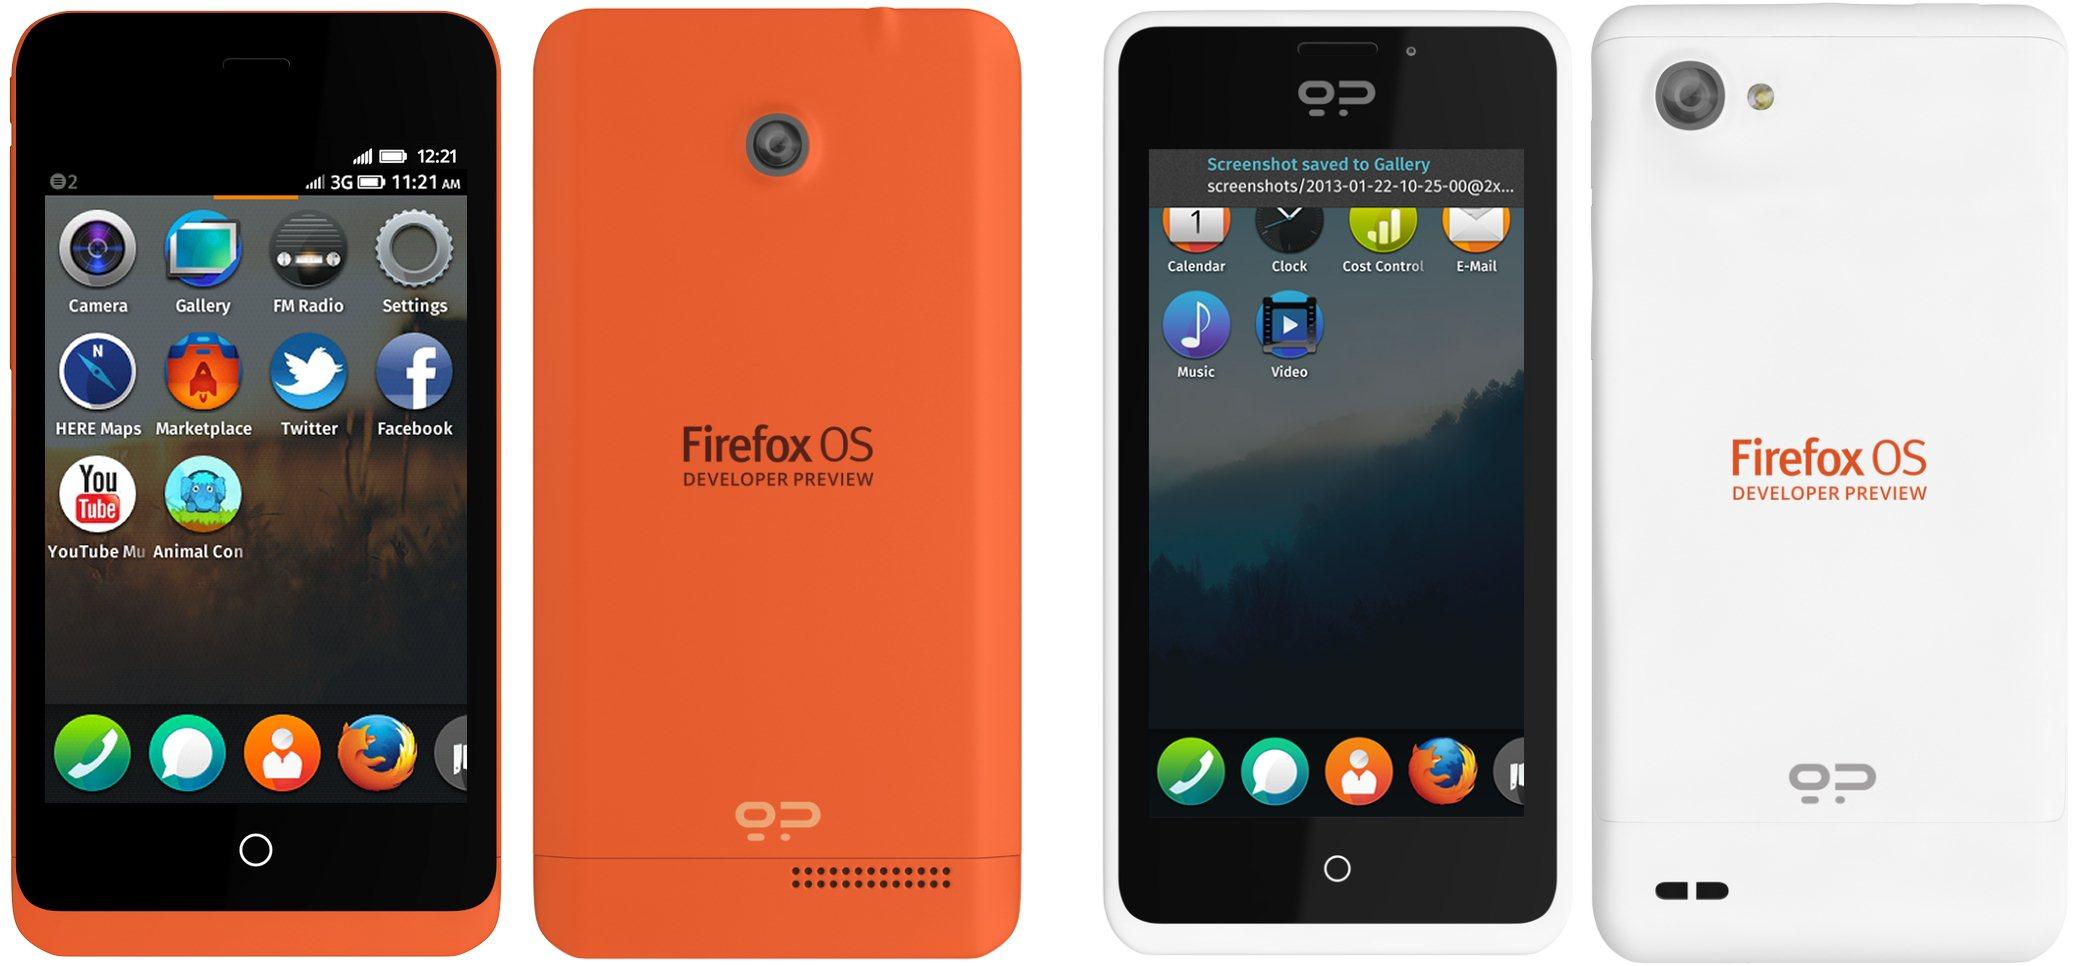 geeksphone-firefox-os-keon-peak